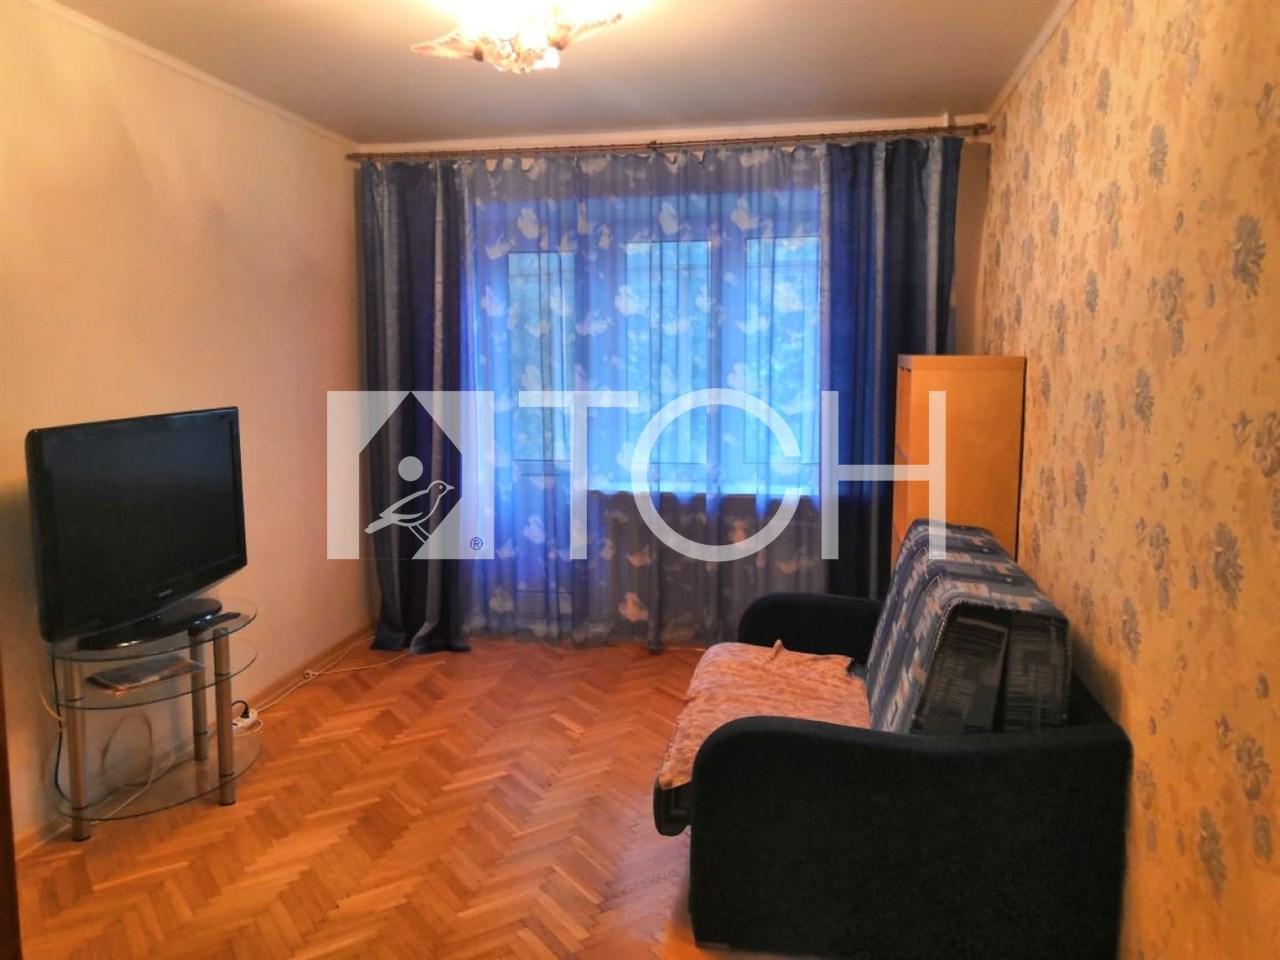 Квартира, 2 комнаты, 44 м² в Ивантеевке 89261425000 купить 7